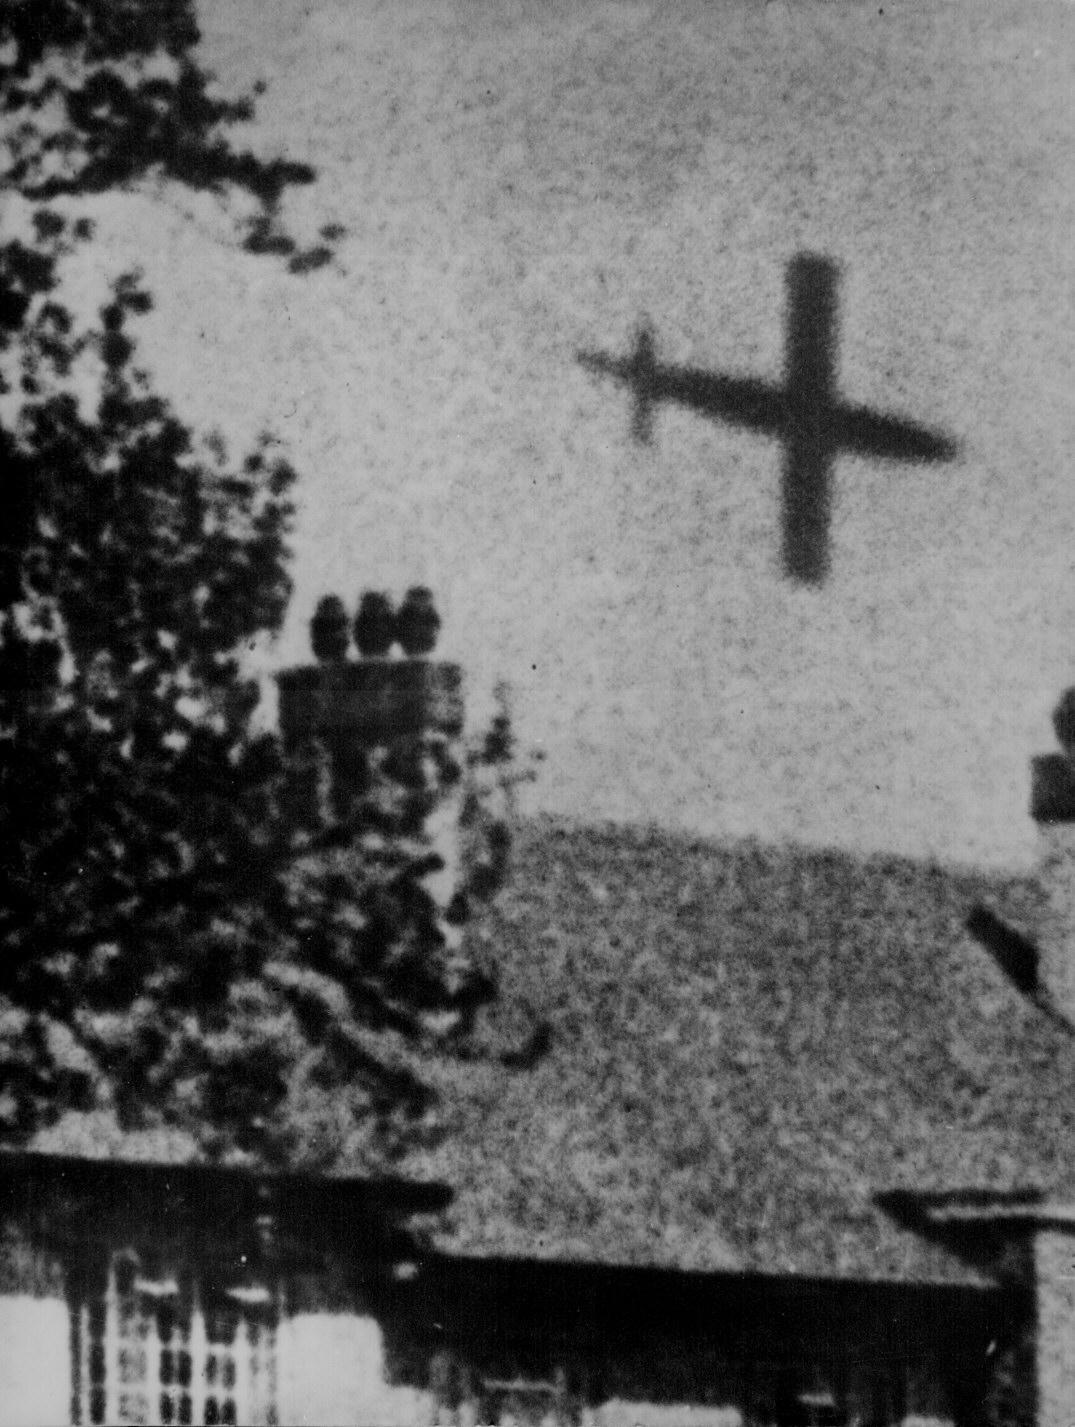 V-1 Rocket in Flight over London